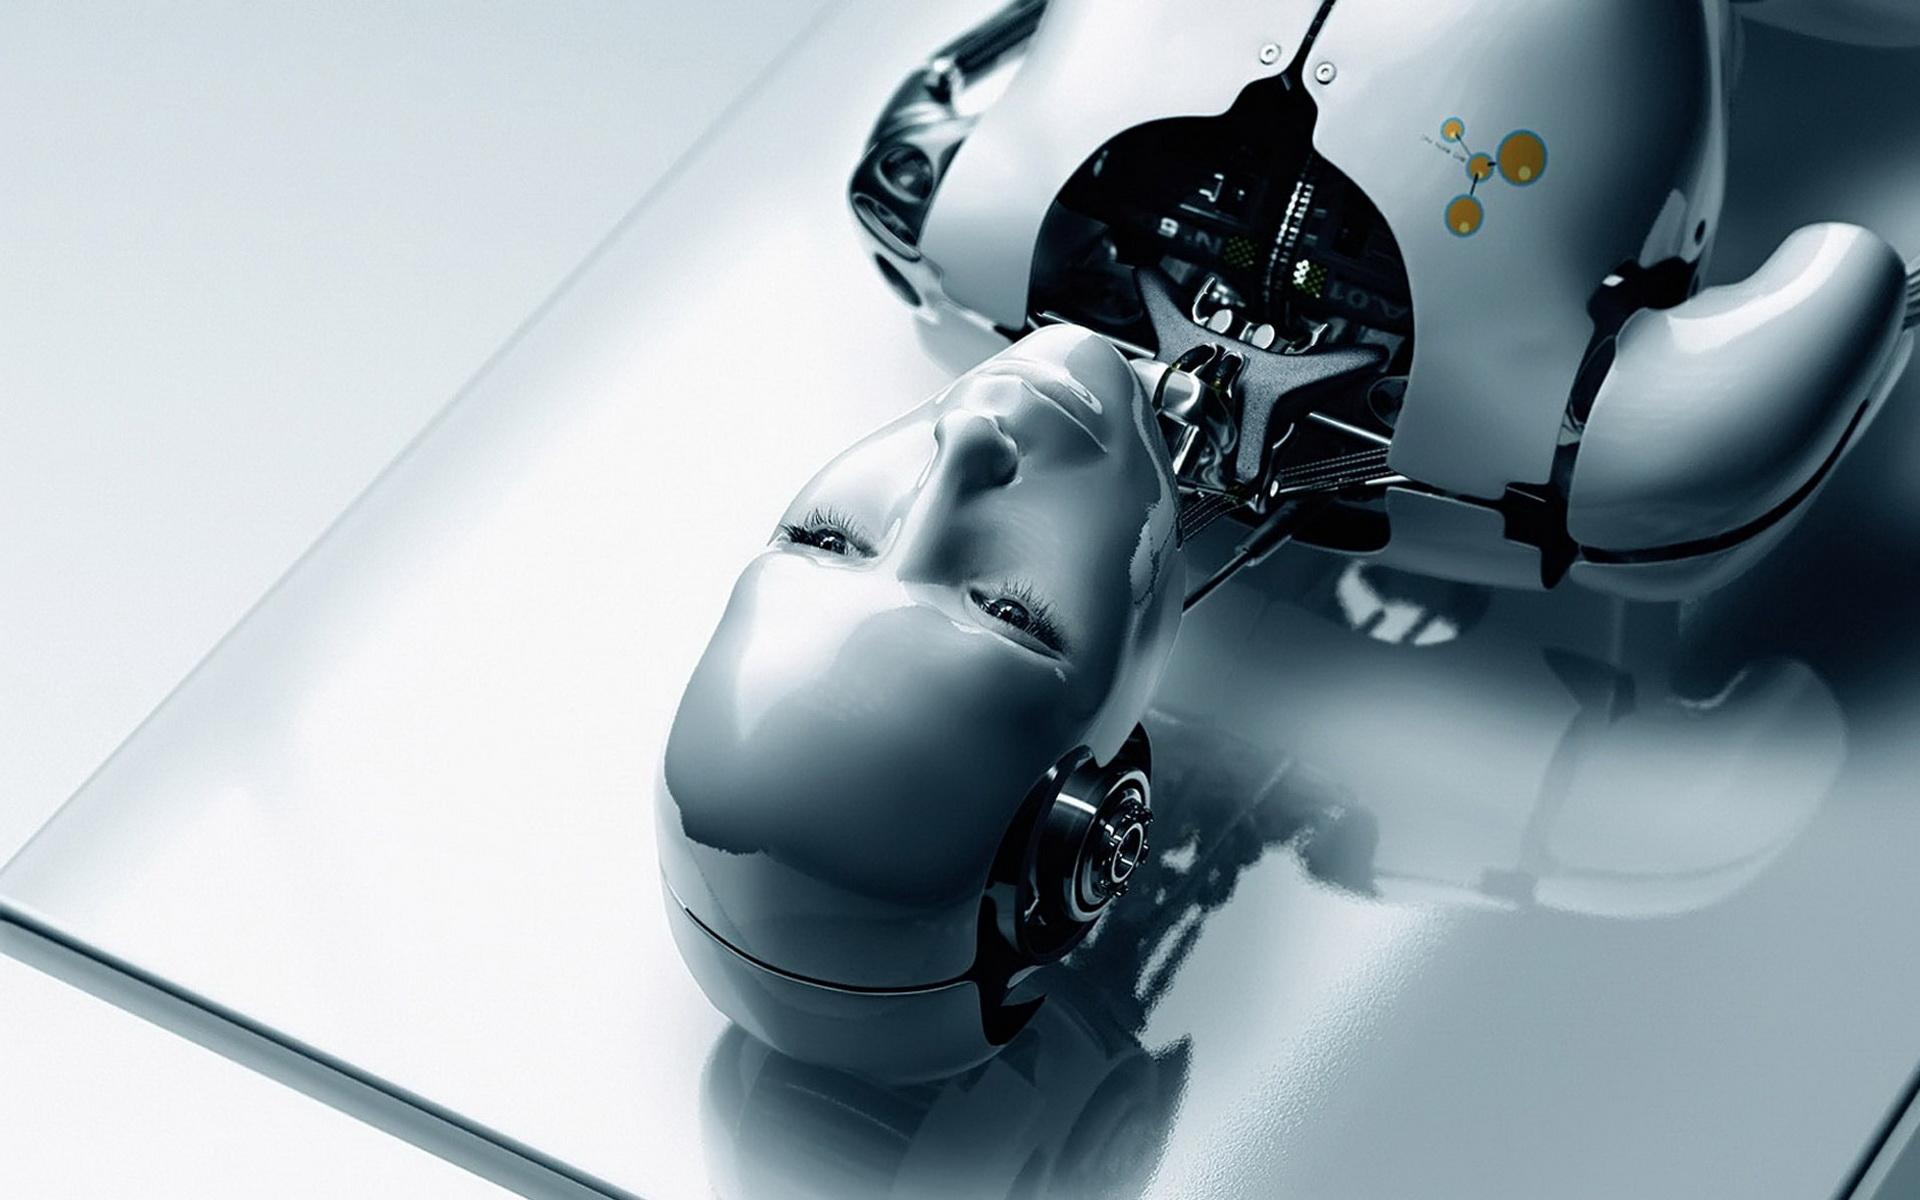 Humanoid Robot wallpaper 2018 in Creative 1920x1200